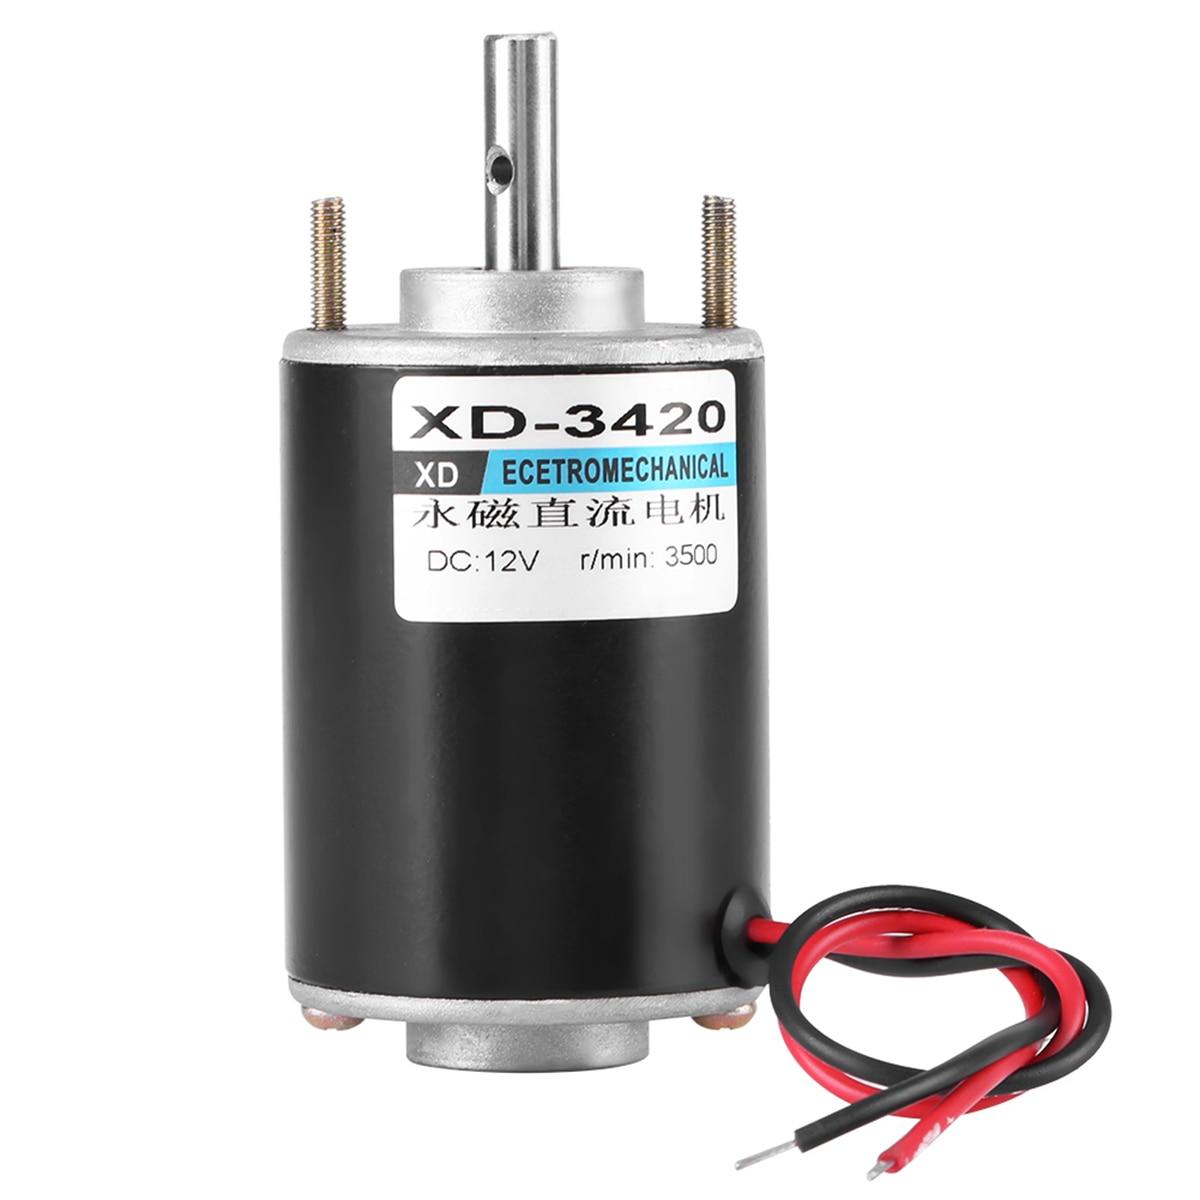 12/24V 30W Motor eléctrico de alta velocidad DC imán permanente DC Motor de corte banco de molienda cepillo DC Motor XD-3420